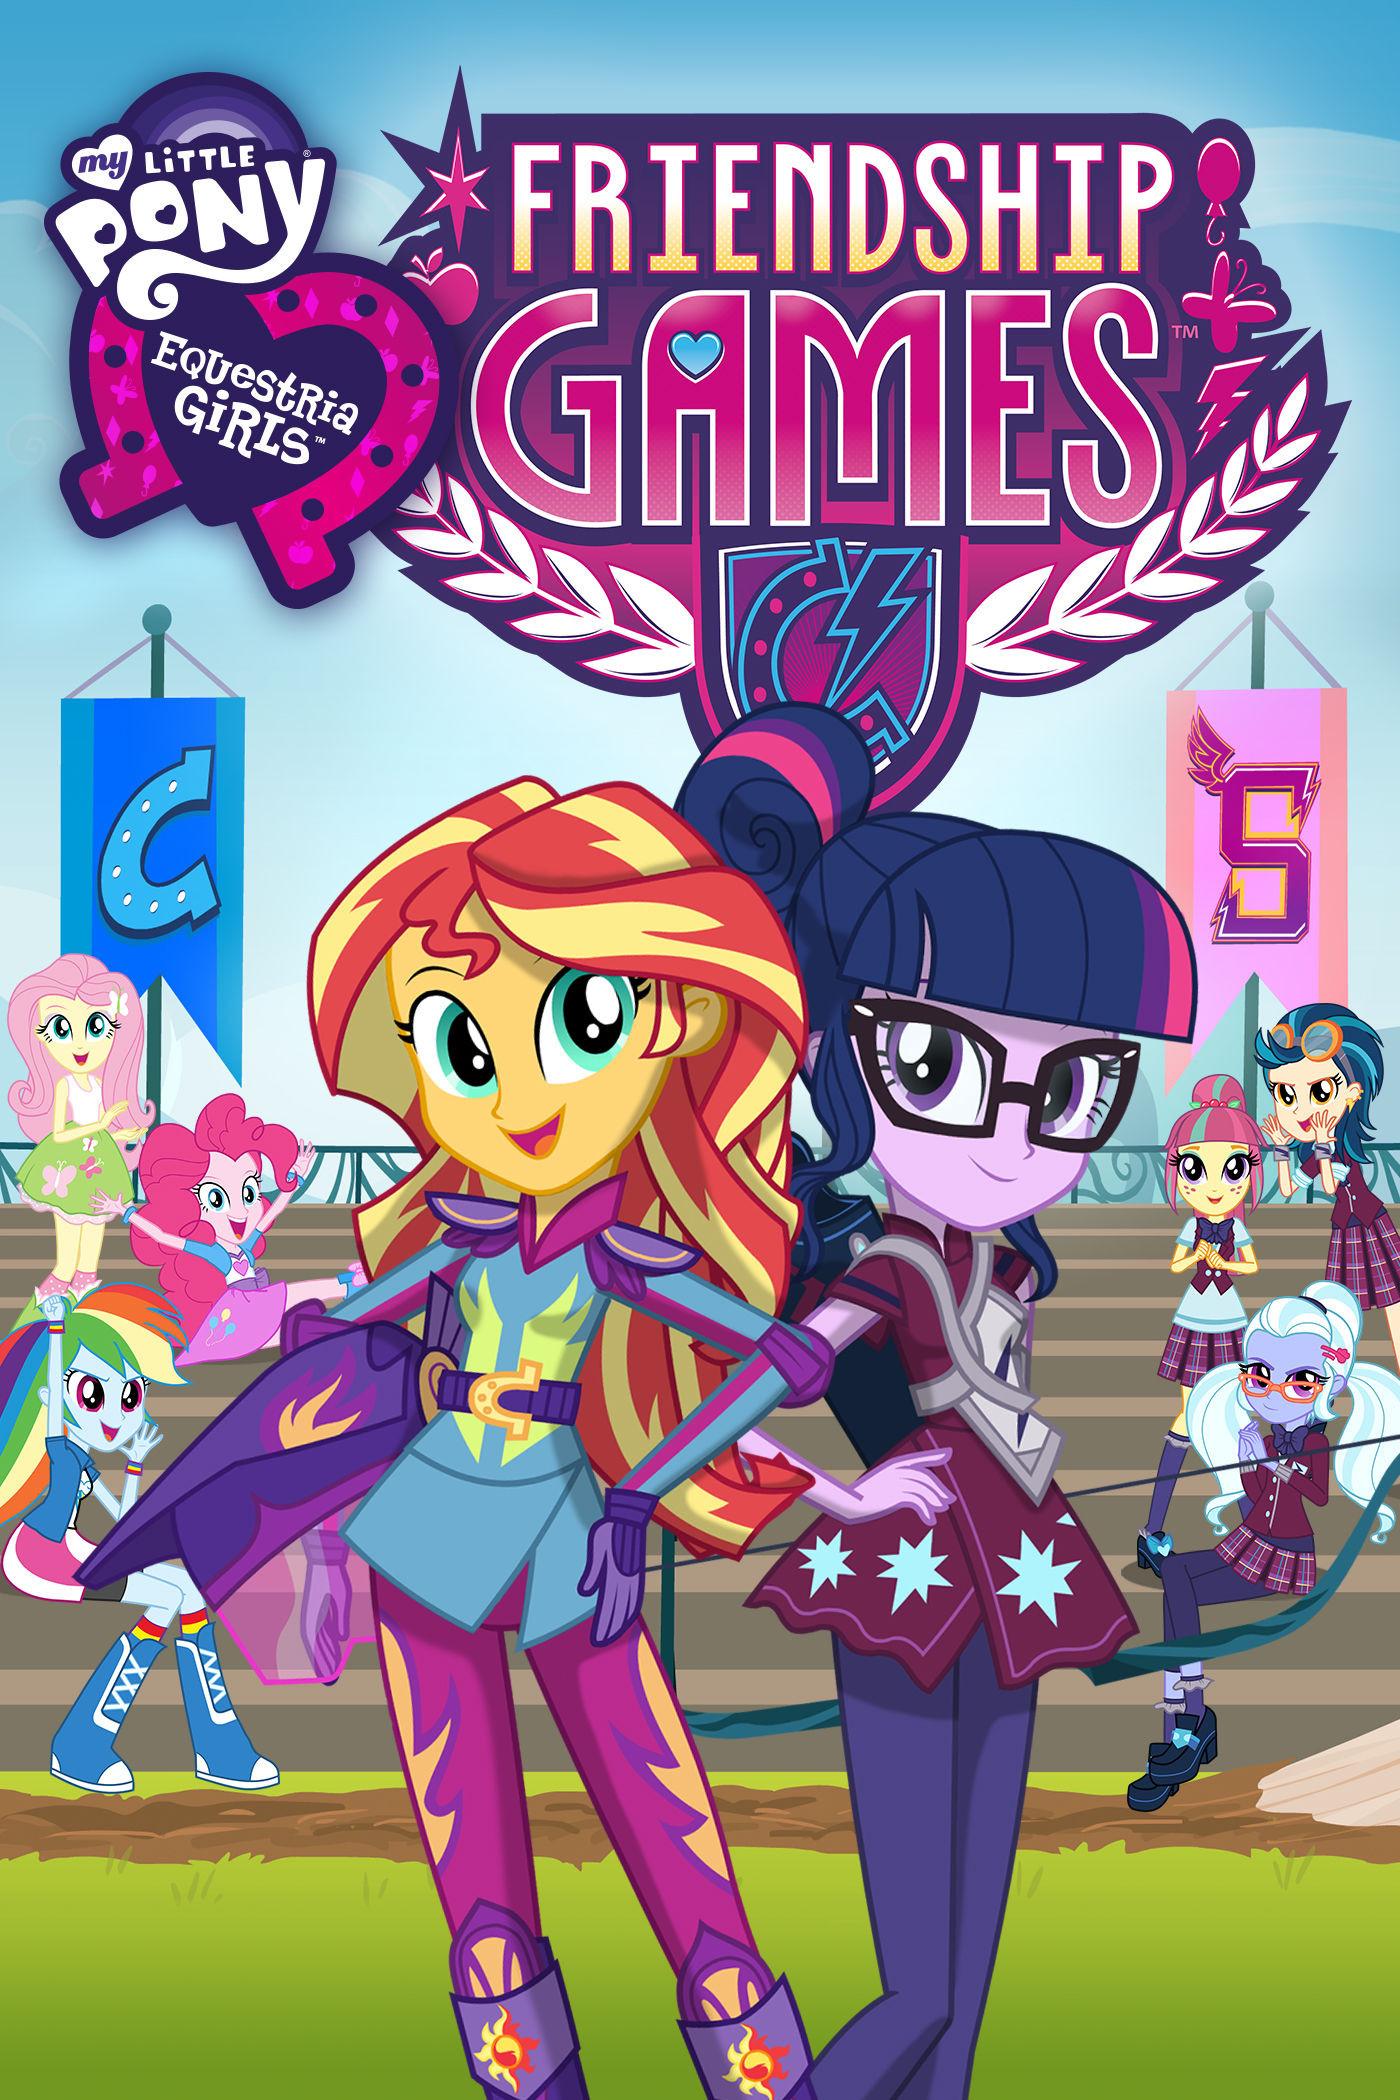 My Little Pony Alte Figuren Inspirierend My Little Pony Equestria Girls – Friendship Games Sammlung